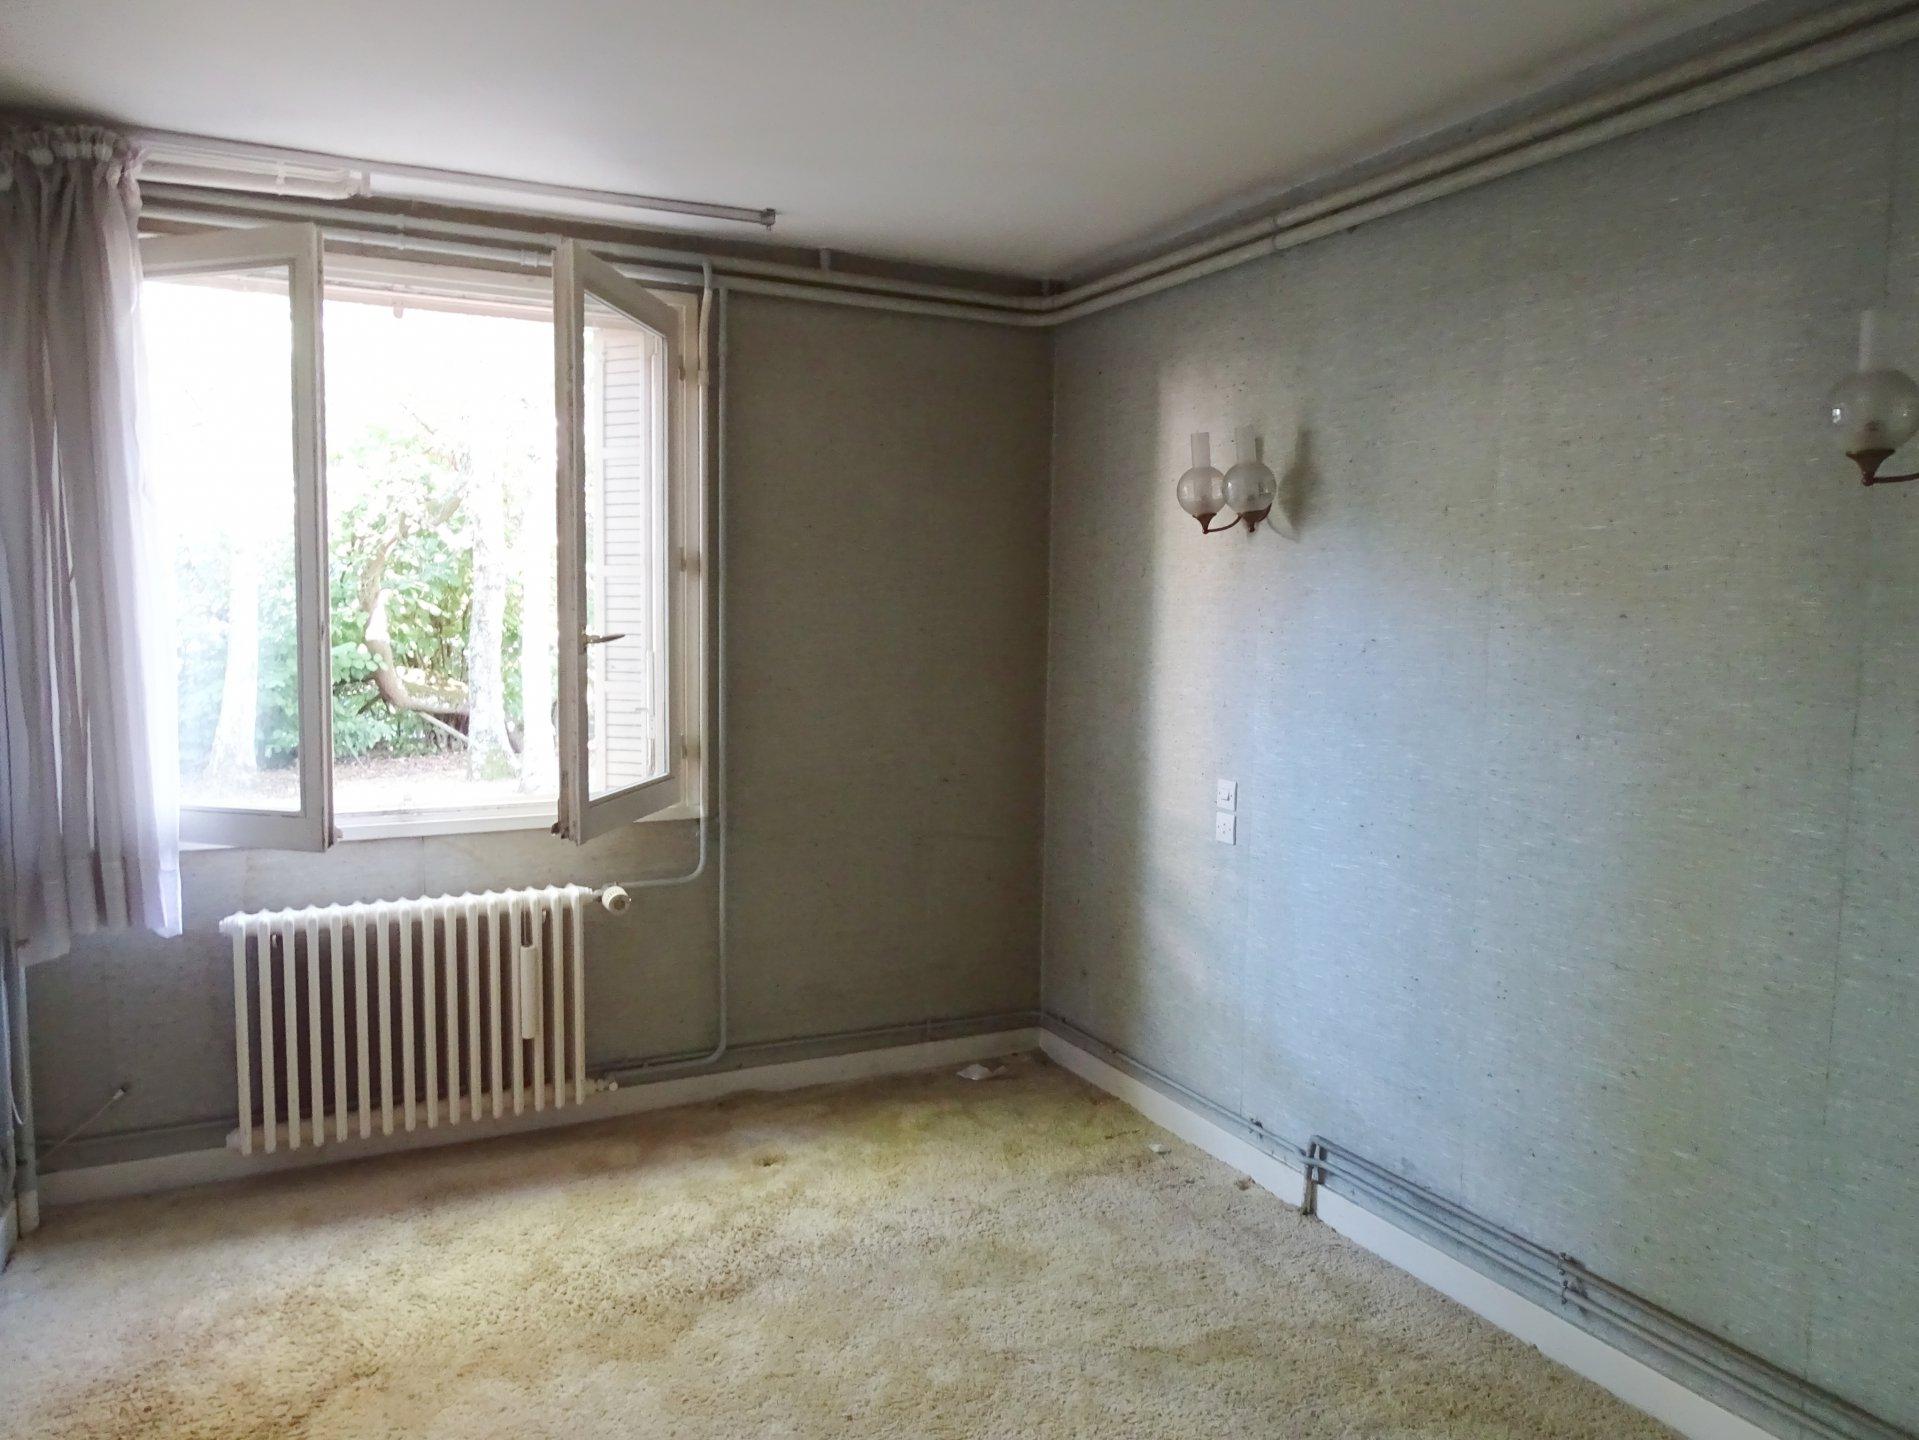 Mâcon, dans un quartier résidentiel au calme, venez découvrir cette maison offrant une surface habitable de 140 m². Elle dispose d'un bel espace vie avec terrasse, cuisine équipée, deux chambres, salle de bains, wc et dressing. Au rez-de-chaussée, vous trouverez une chambre, une cuisine d'été (possibilité d'une 4ème chambre), dégagement, buanderie avec toilettes, cave, garage. Cette maison est implantée sur un terrain de 1150 m², clos, arboré, et sans vis à vis. A découvrir rapidement. Honoraires à la charge des vendeurs.